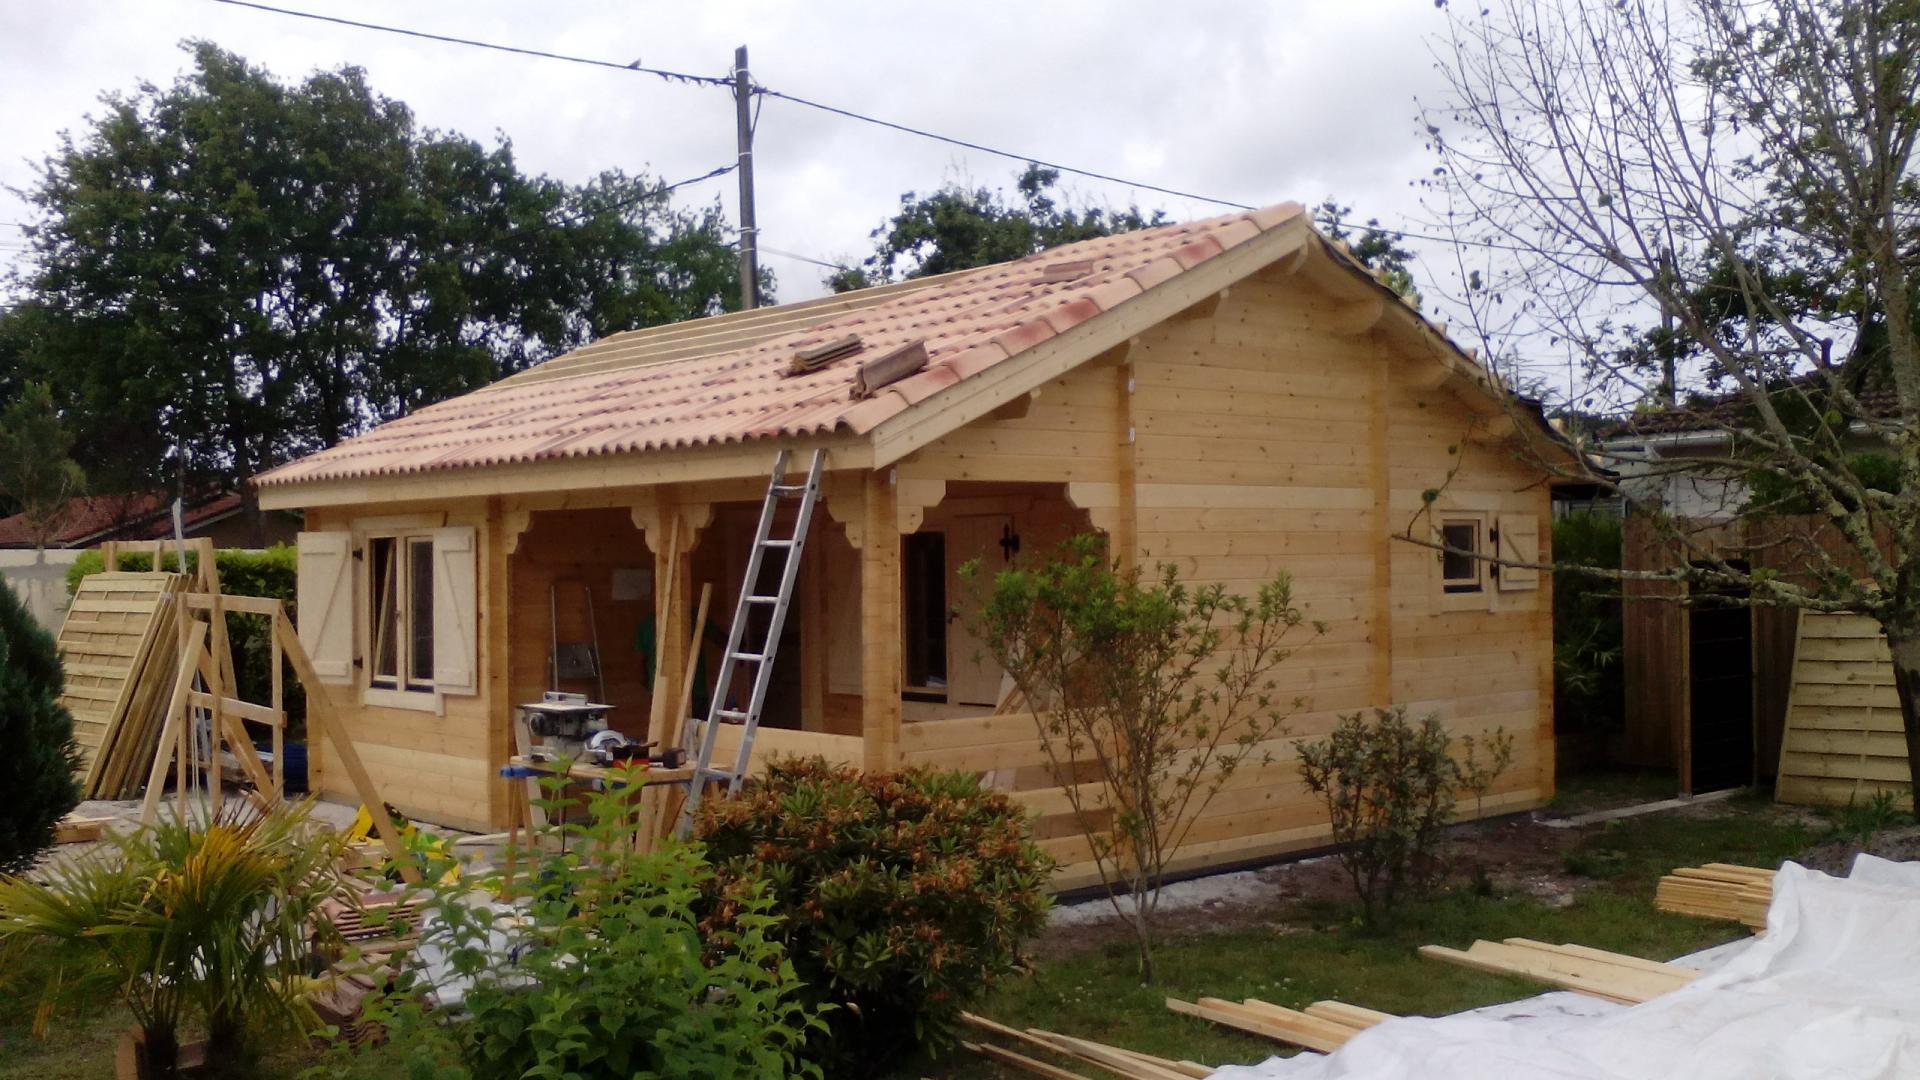 Fabricant Constructeur De Kits Chalets En Bois Habitables - Stmb destiné Chalet En Kit Occasion